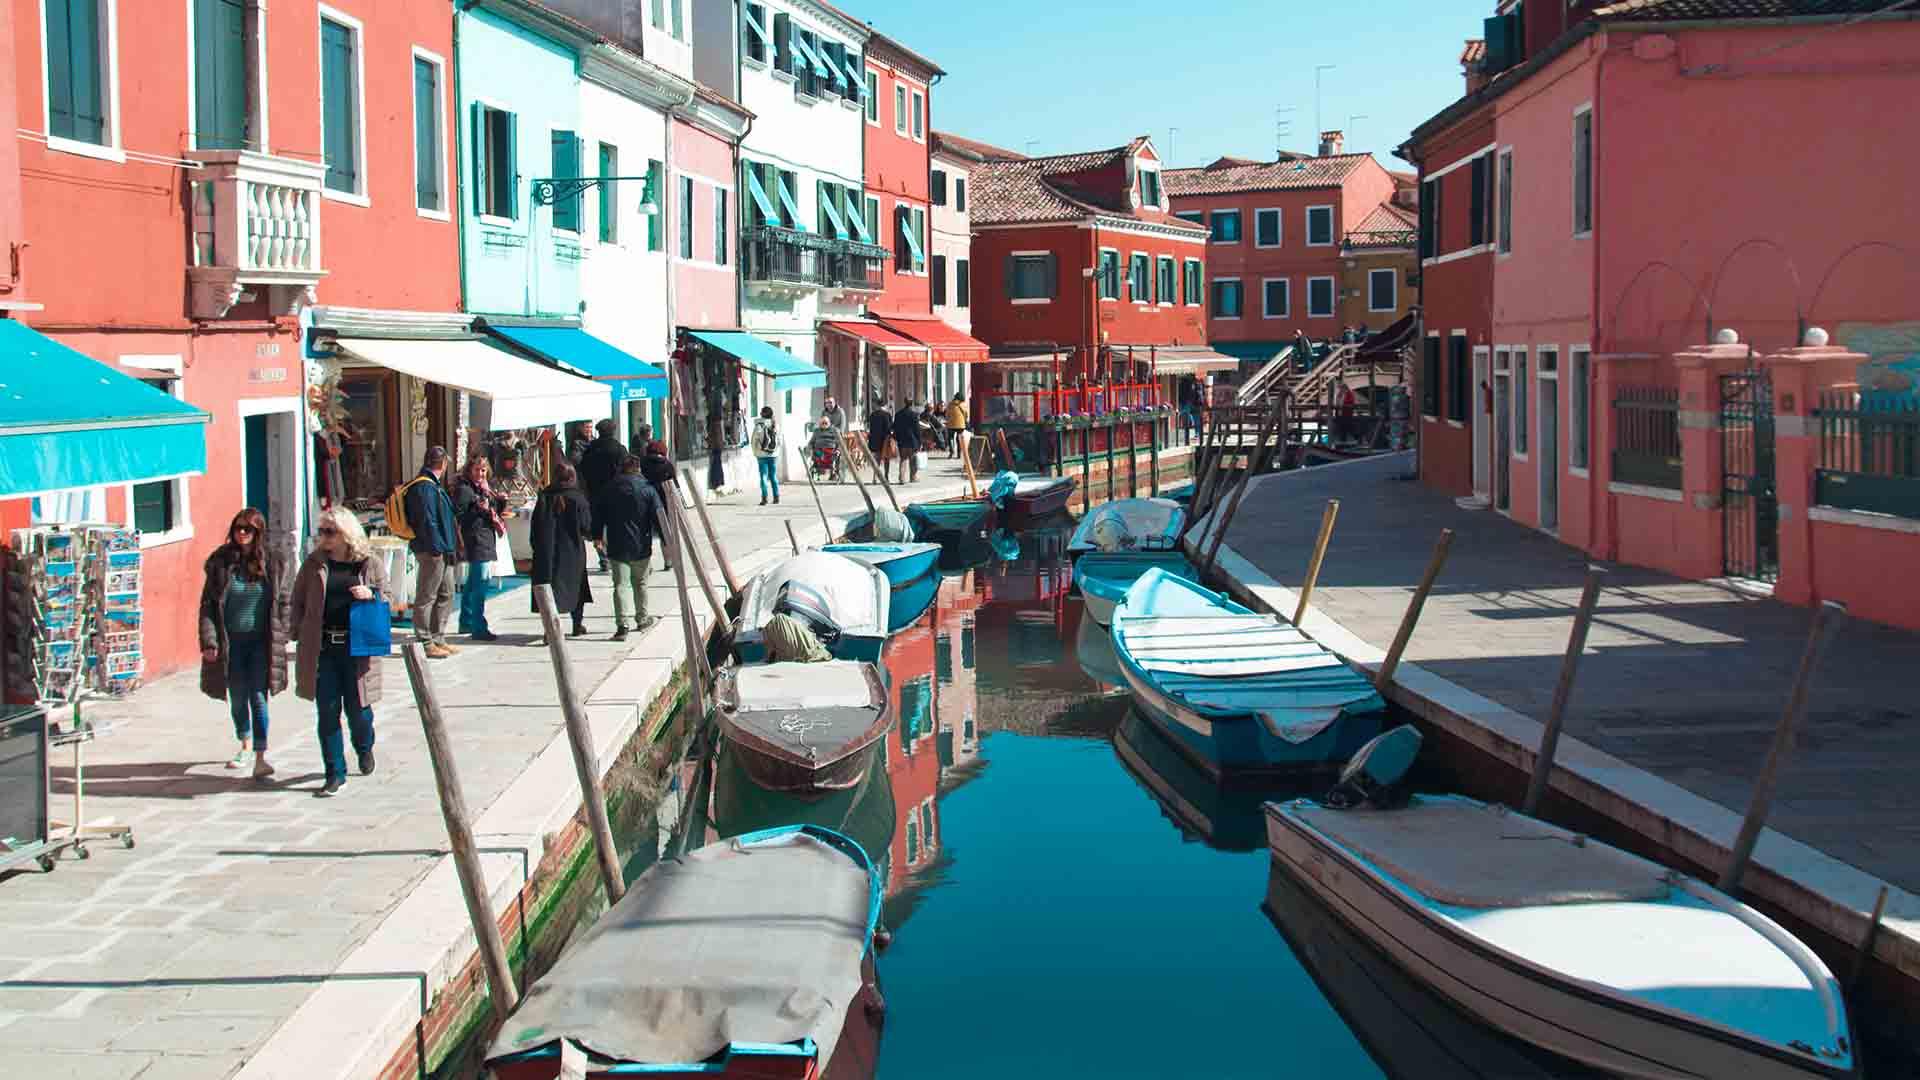 Venezia, con 20 milioni di visitatori, è la capitale mondiale dell